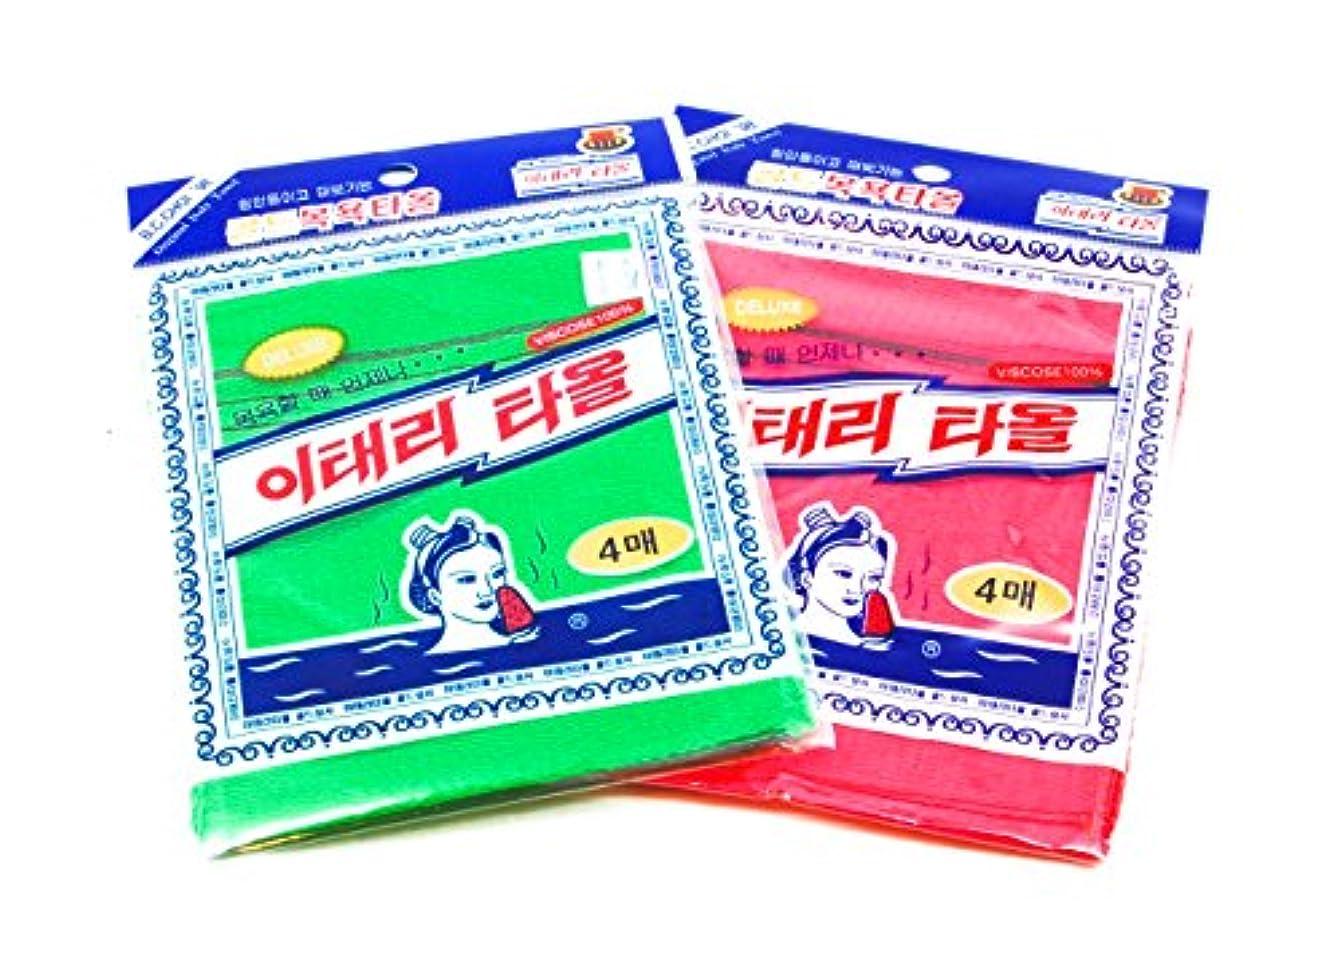 除去グラマー口述アカスリタオル (韓国式あかすりタオル) 8枚セット